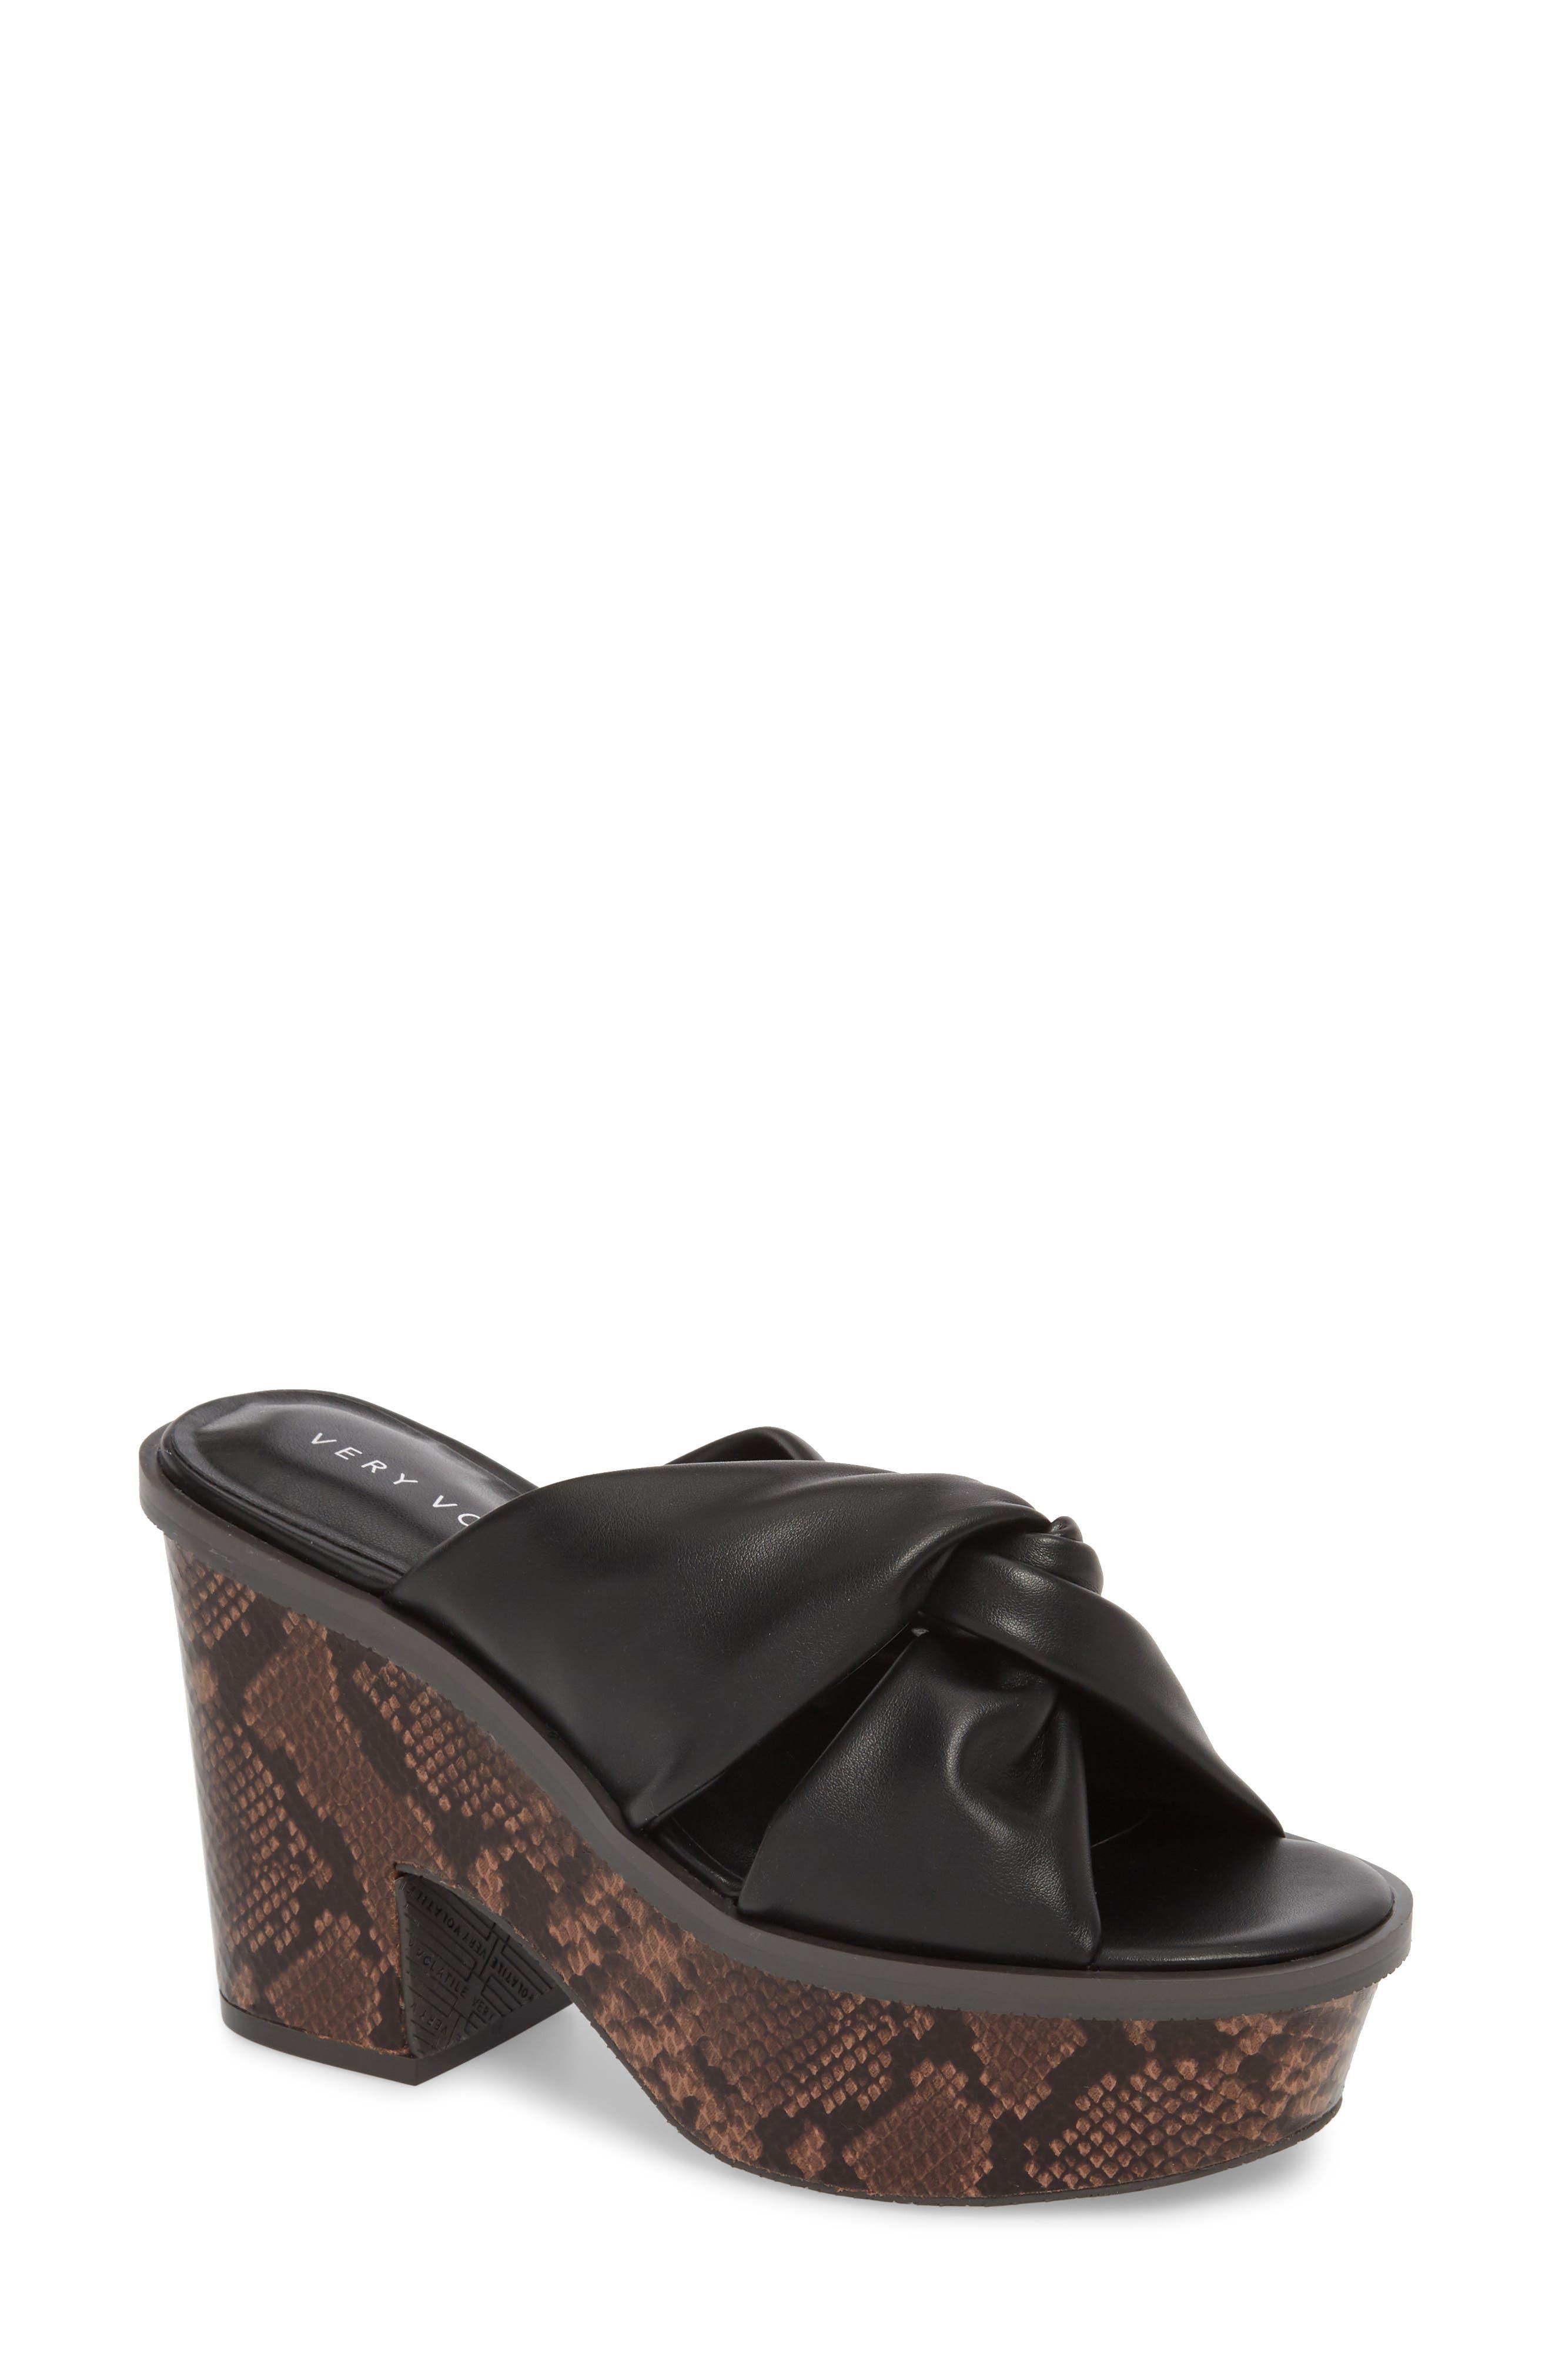 Ainsley Platform Sandal,                         Main,                         color, BLACK